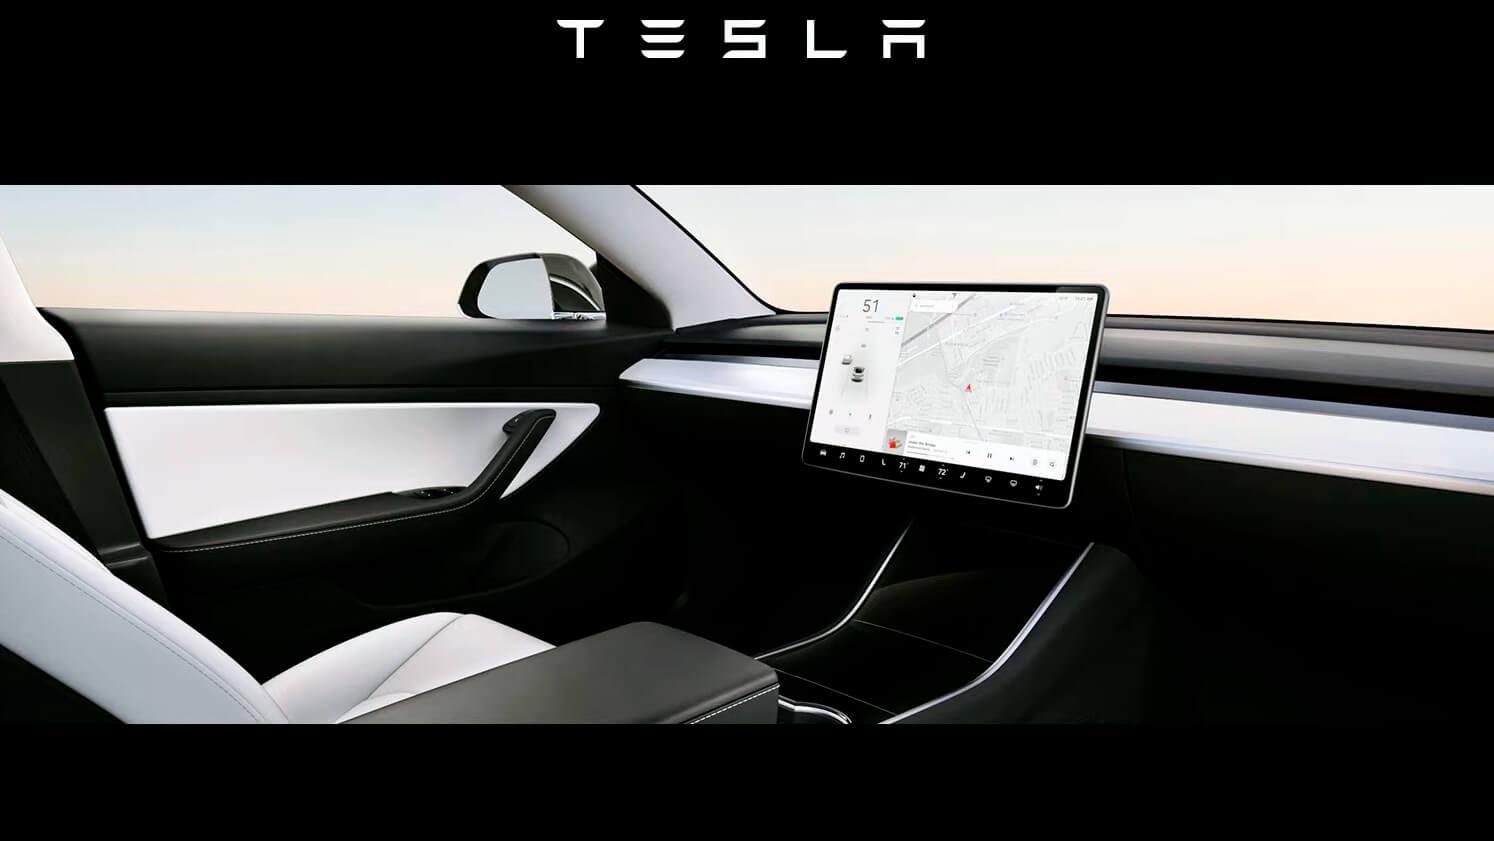 Компания Tesla обнародовала план Robotaxi (парк роботизированных такси на электромобилях компании)